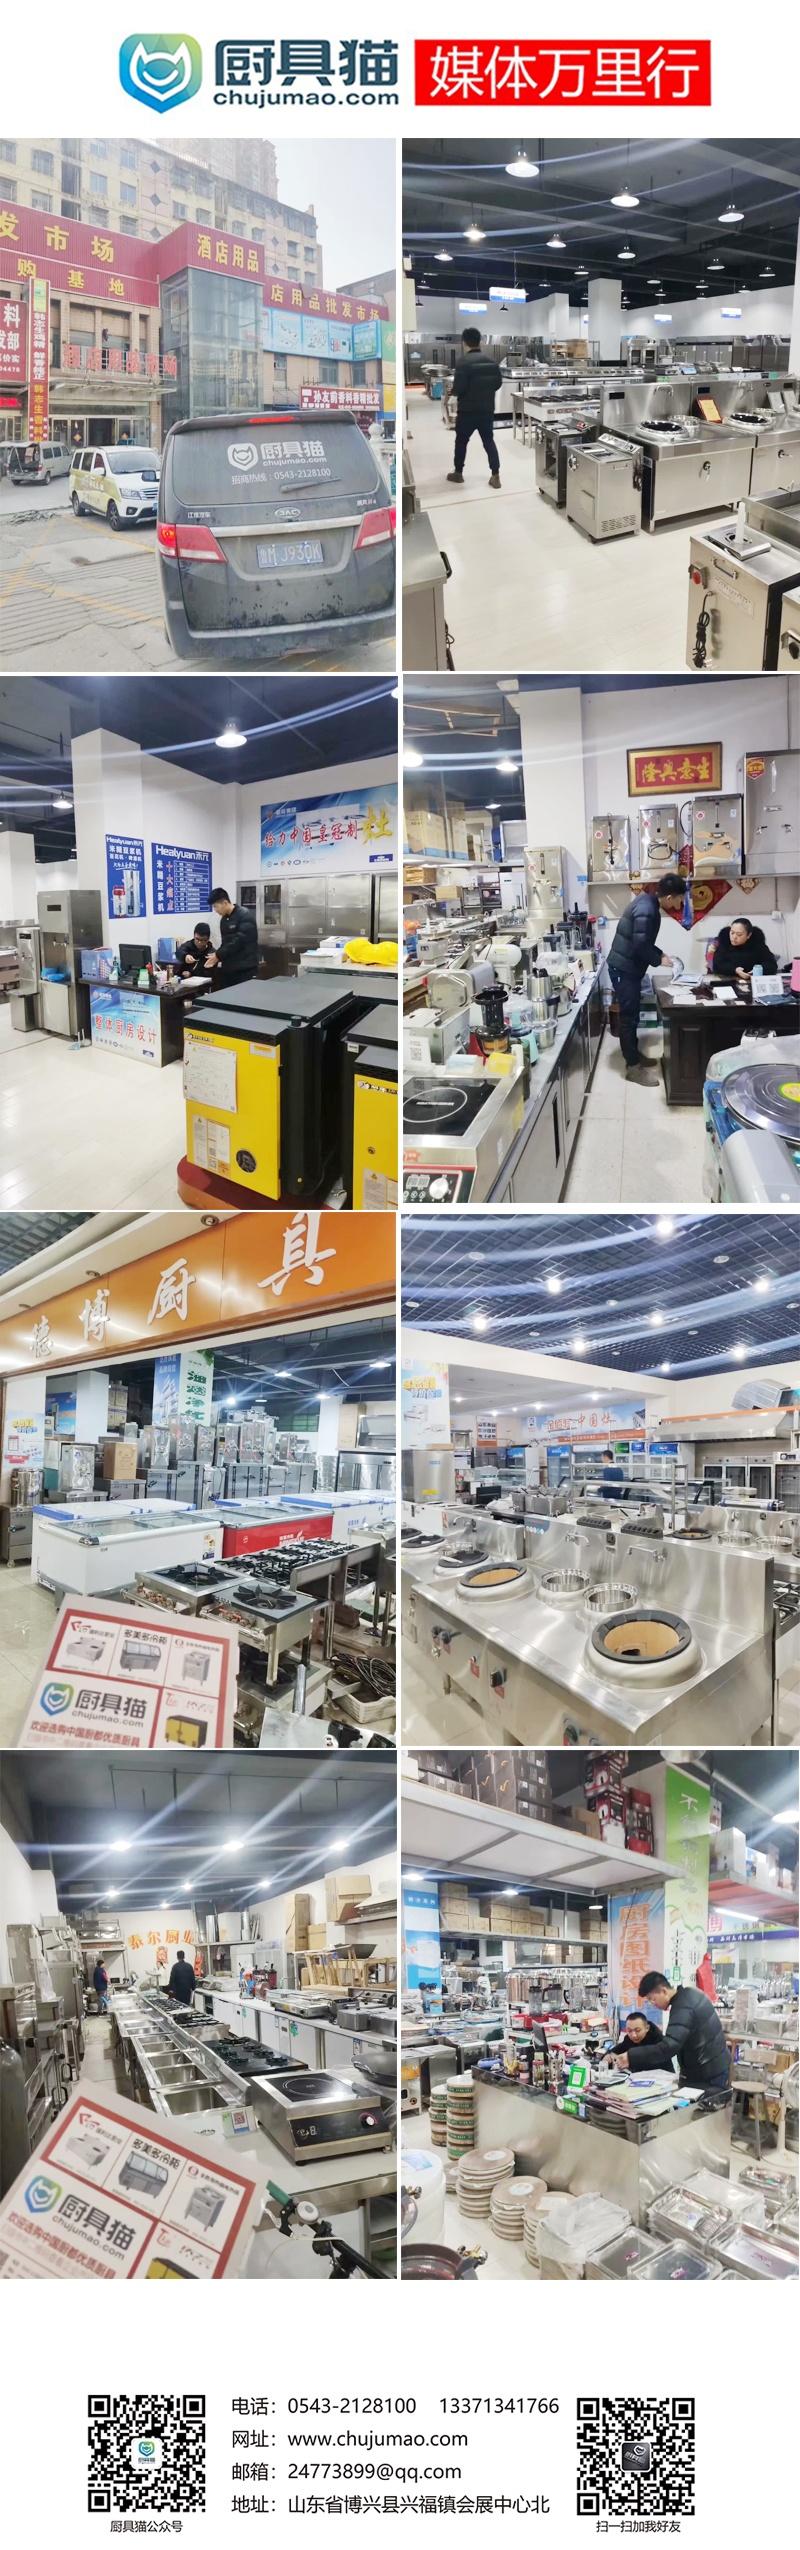 厨具猫·媒体万里行 沿河路酒店用品批发市场